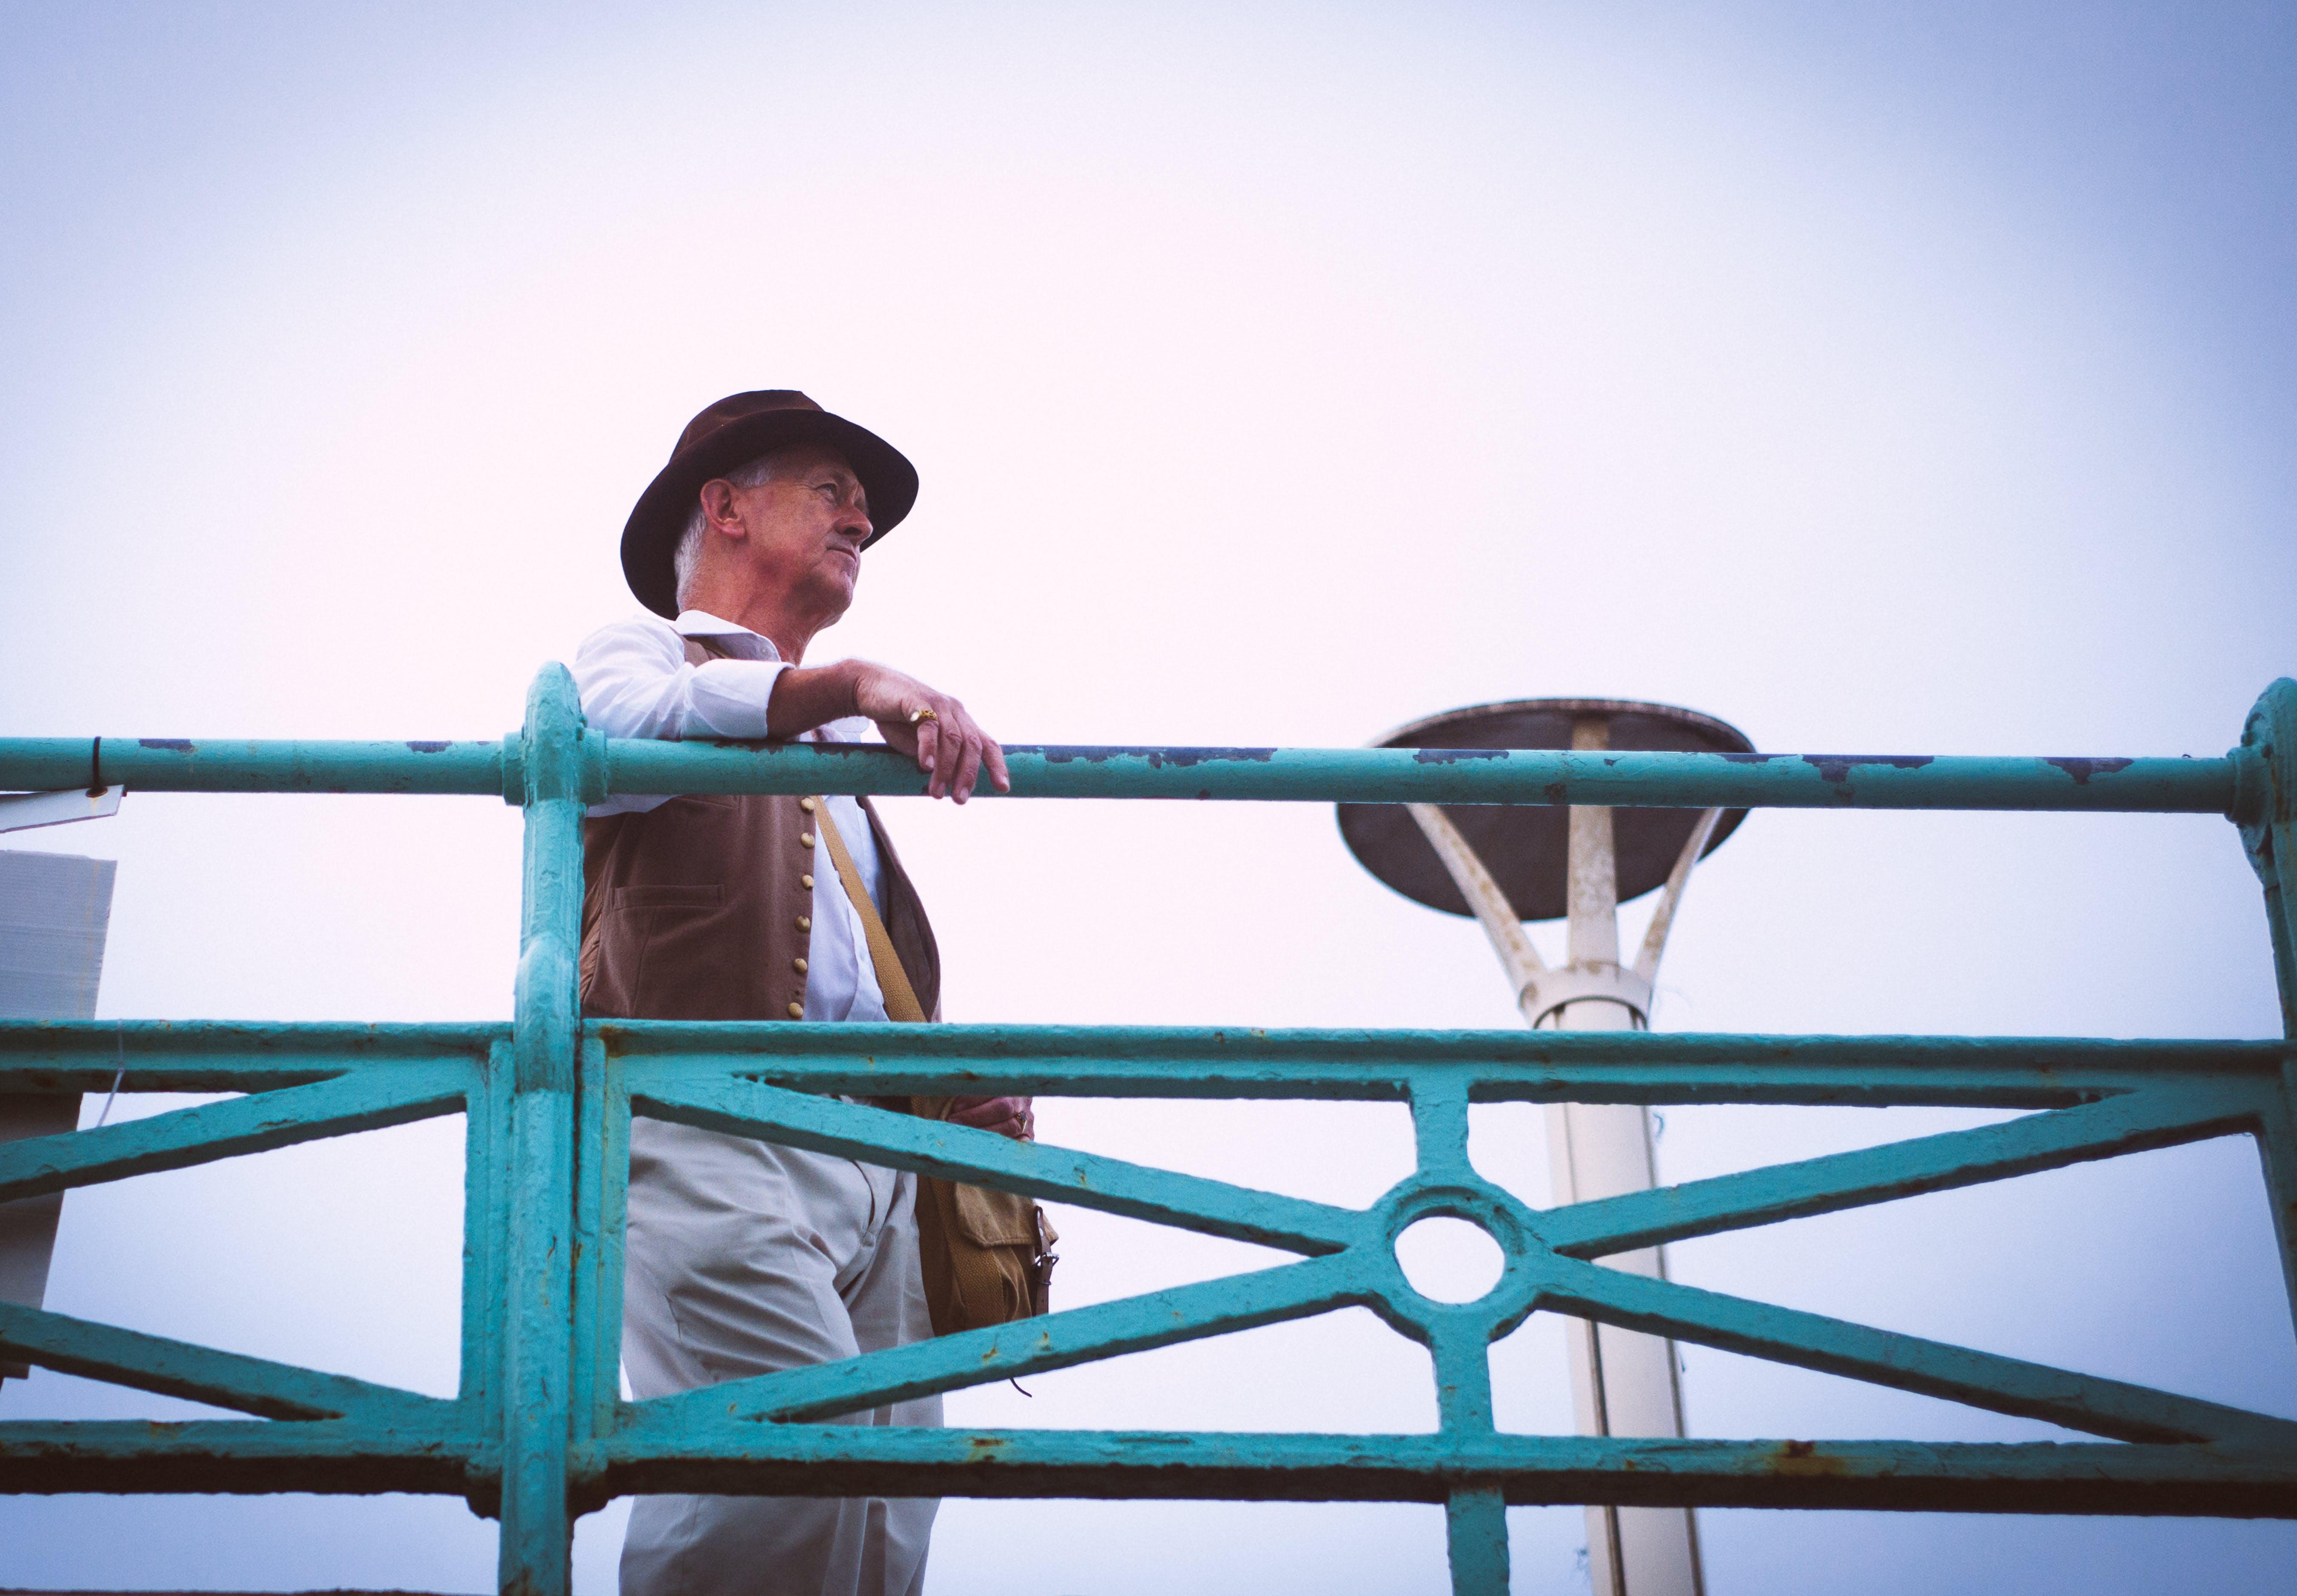 barrière, chapeau, clôture